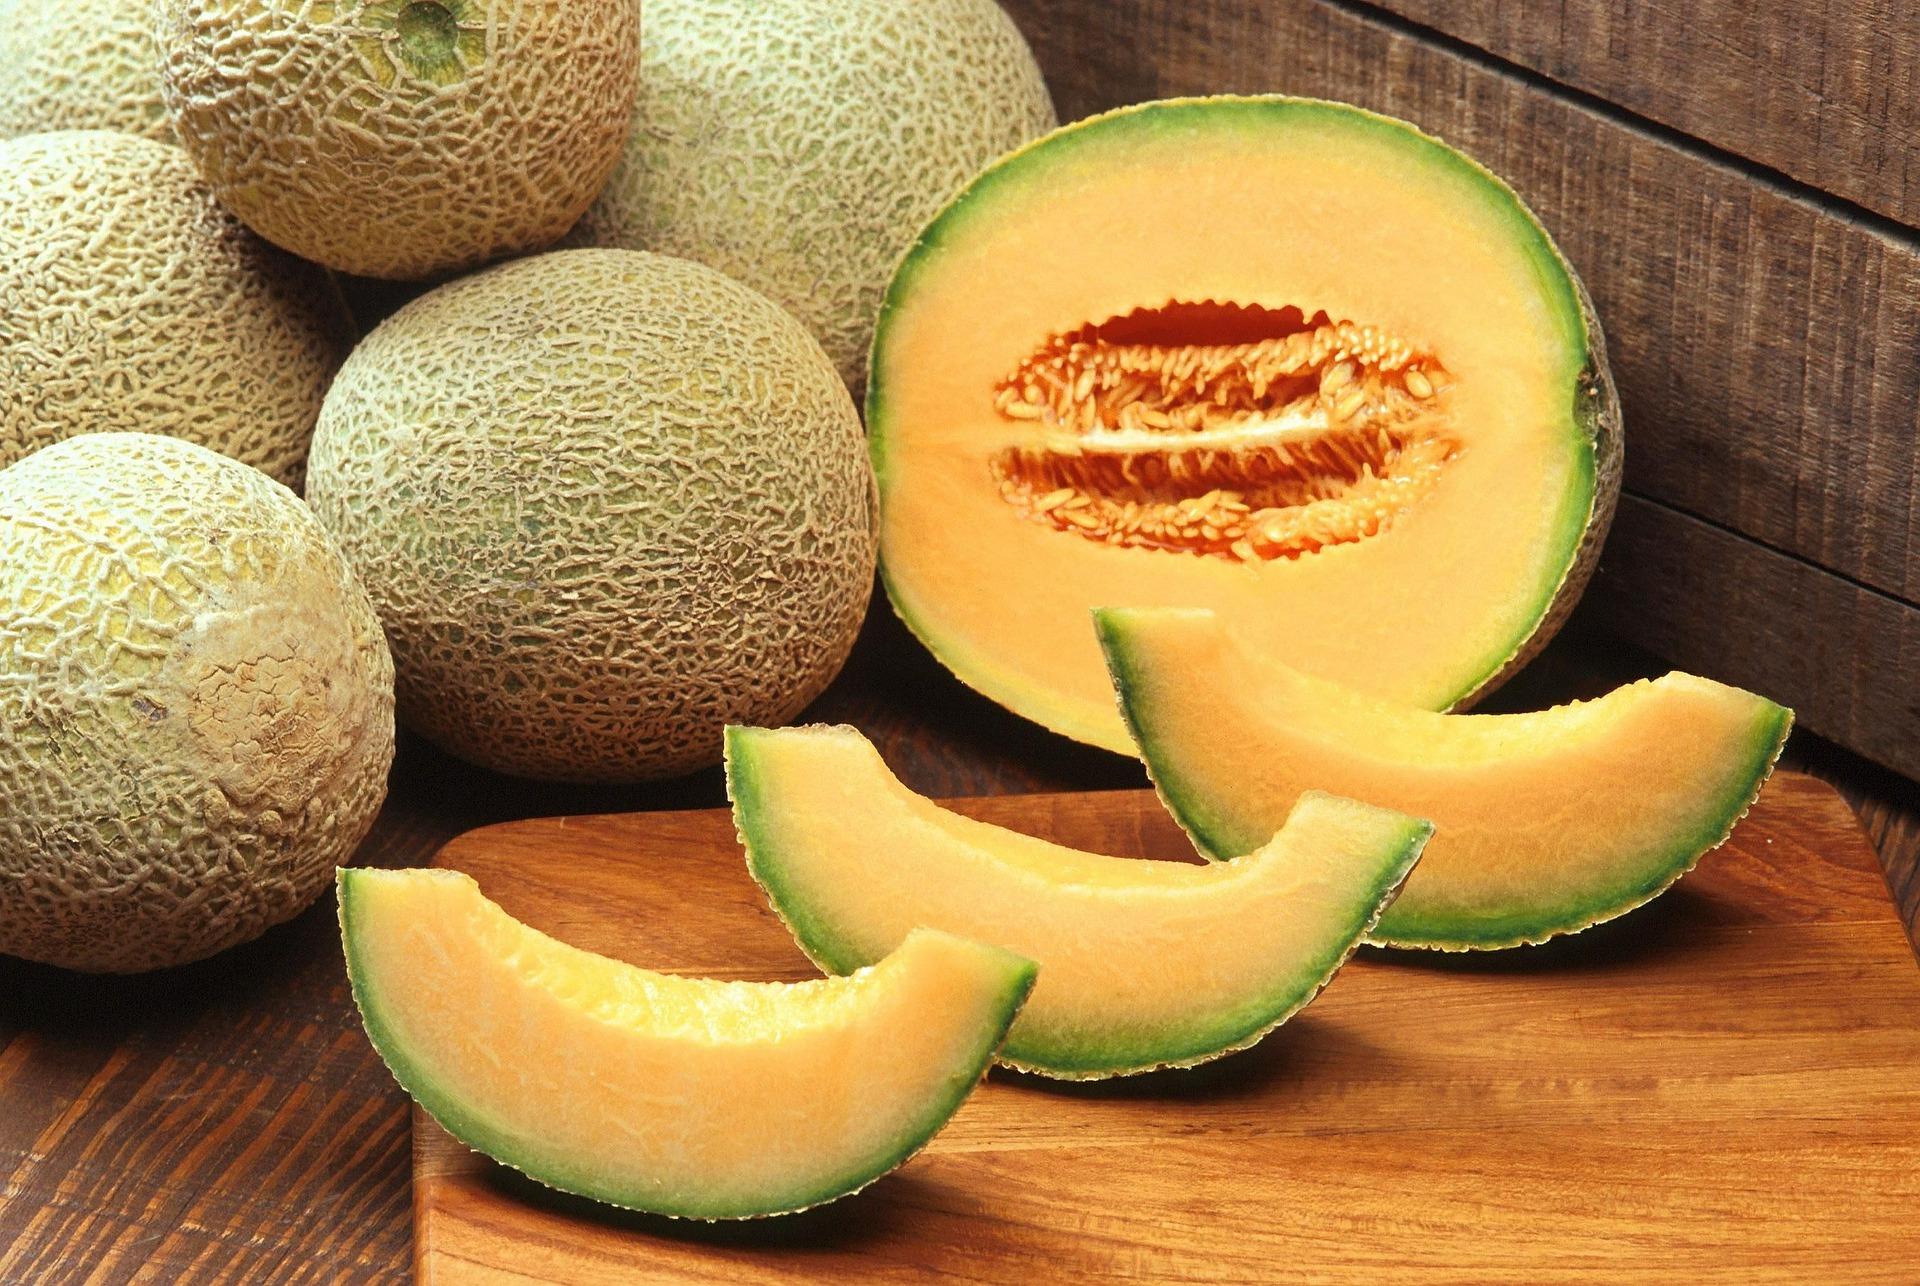 El melón cantalupo es un alimento permitido en la dieta FODMAP. (PublicDomainImages / Pixabay)